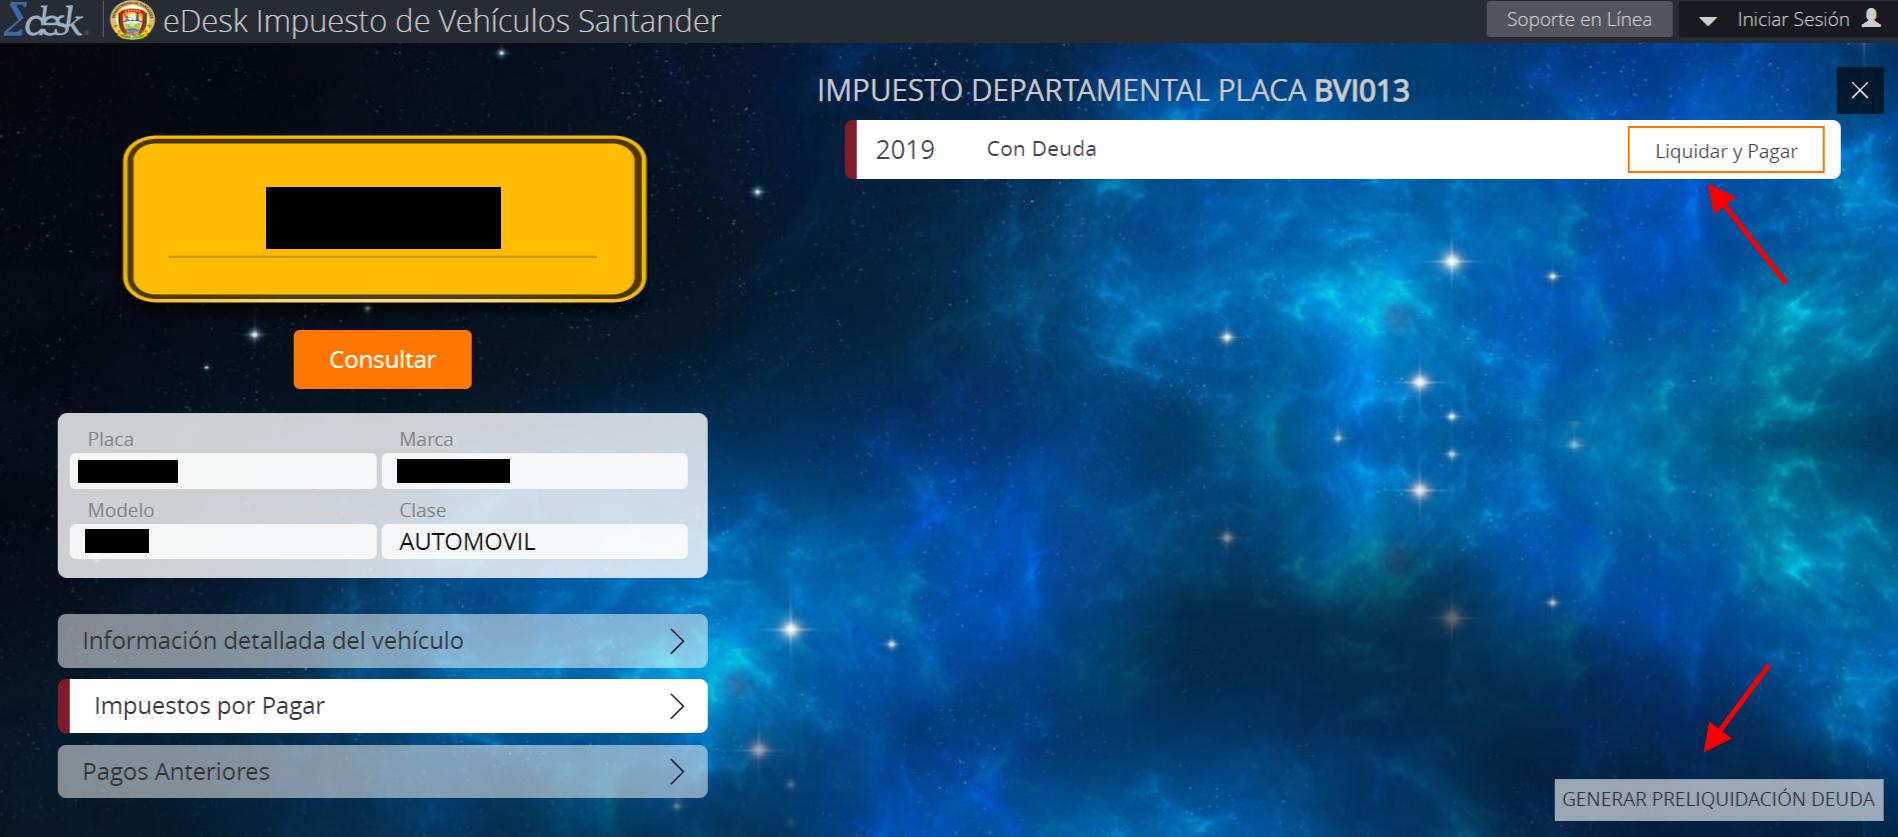 Impuesto de vehículos en Santander 2019